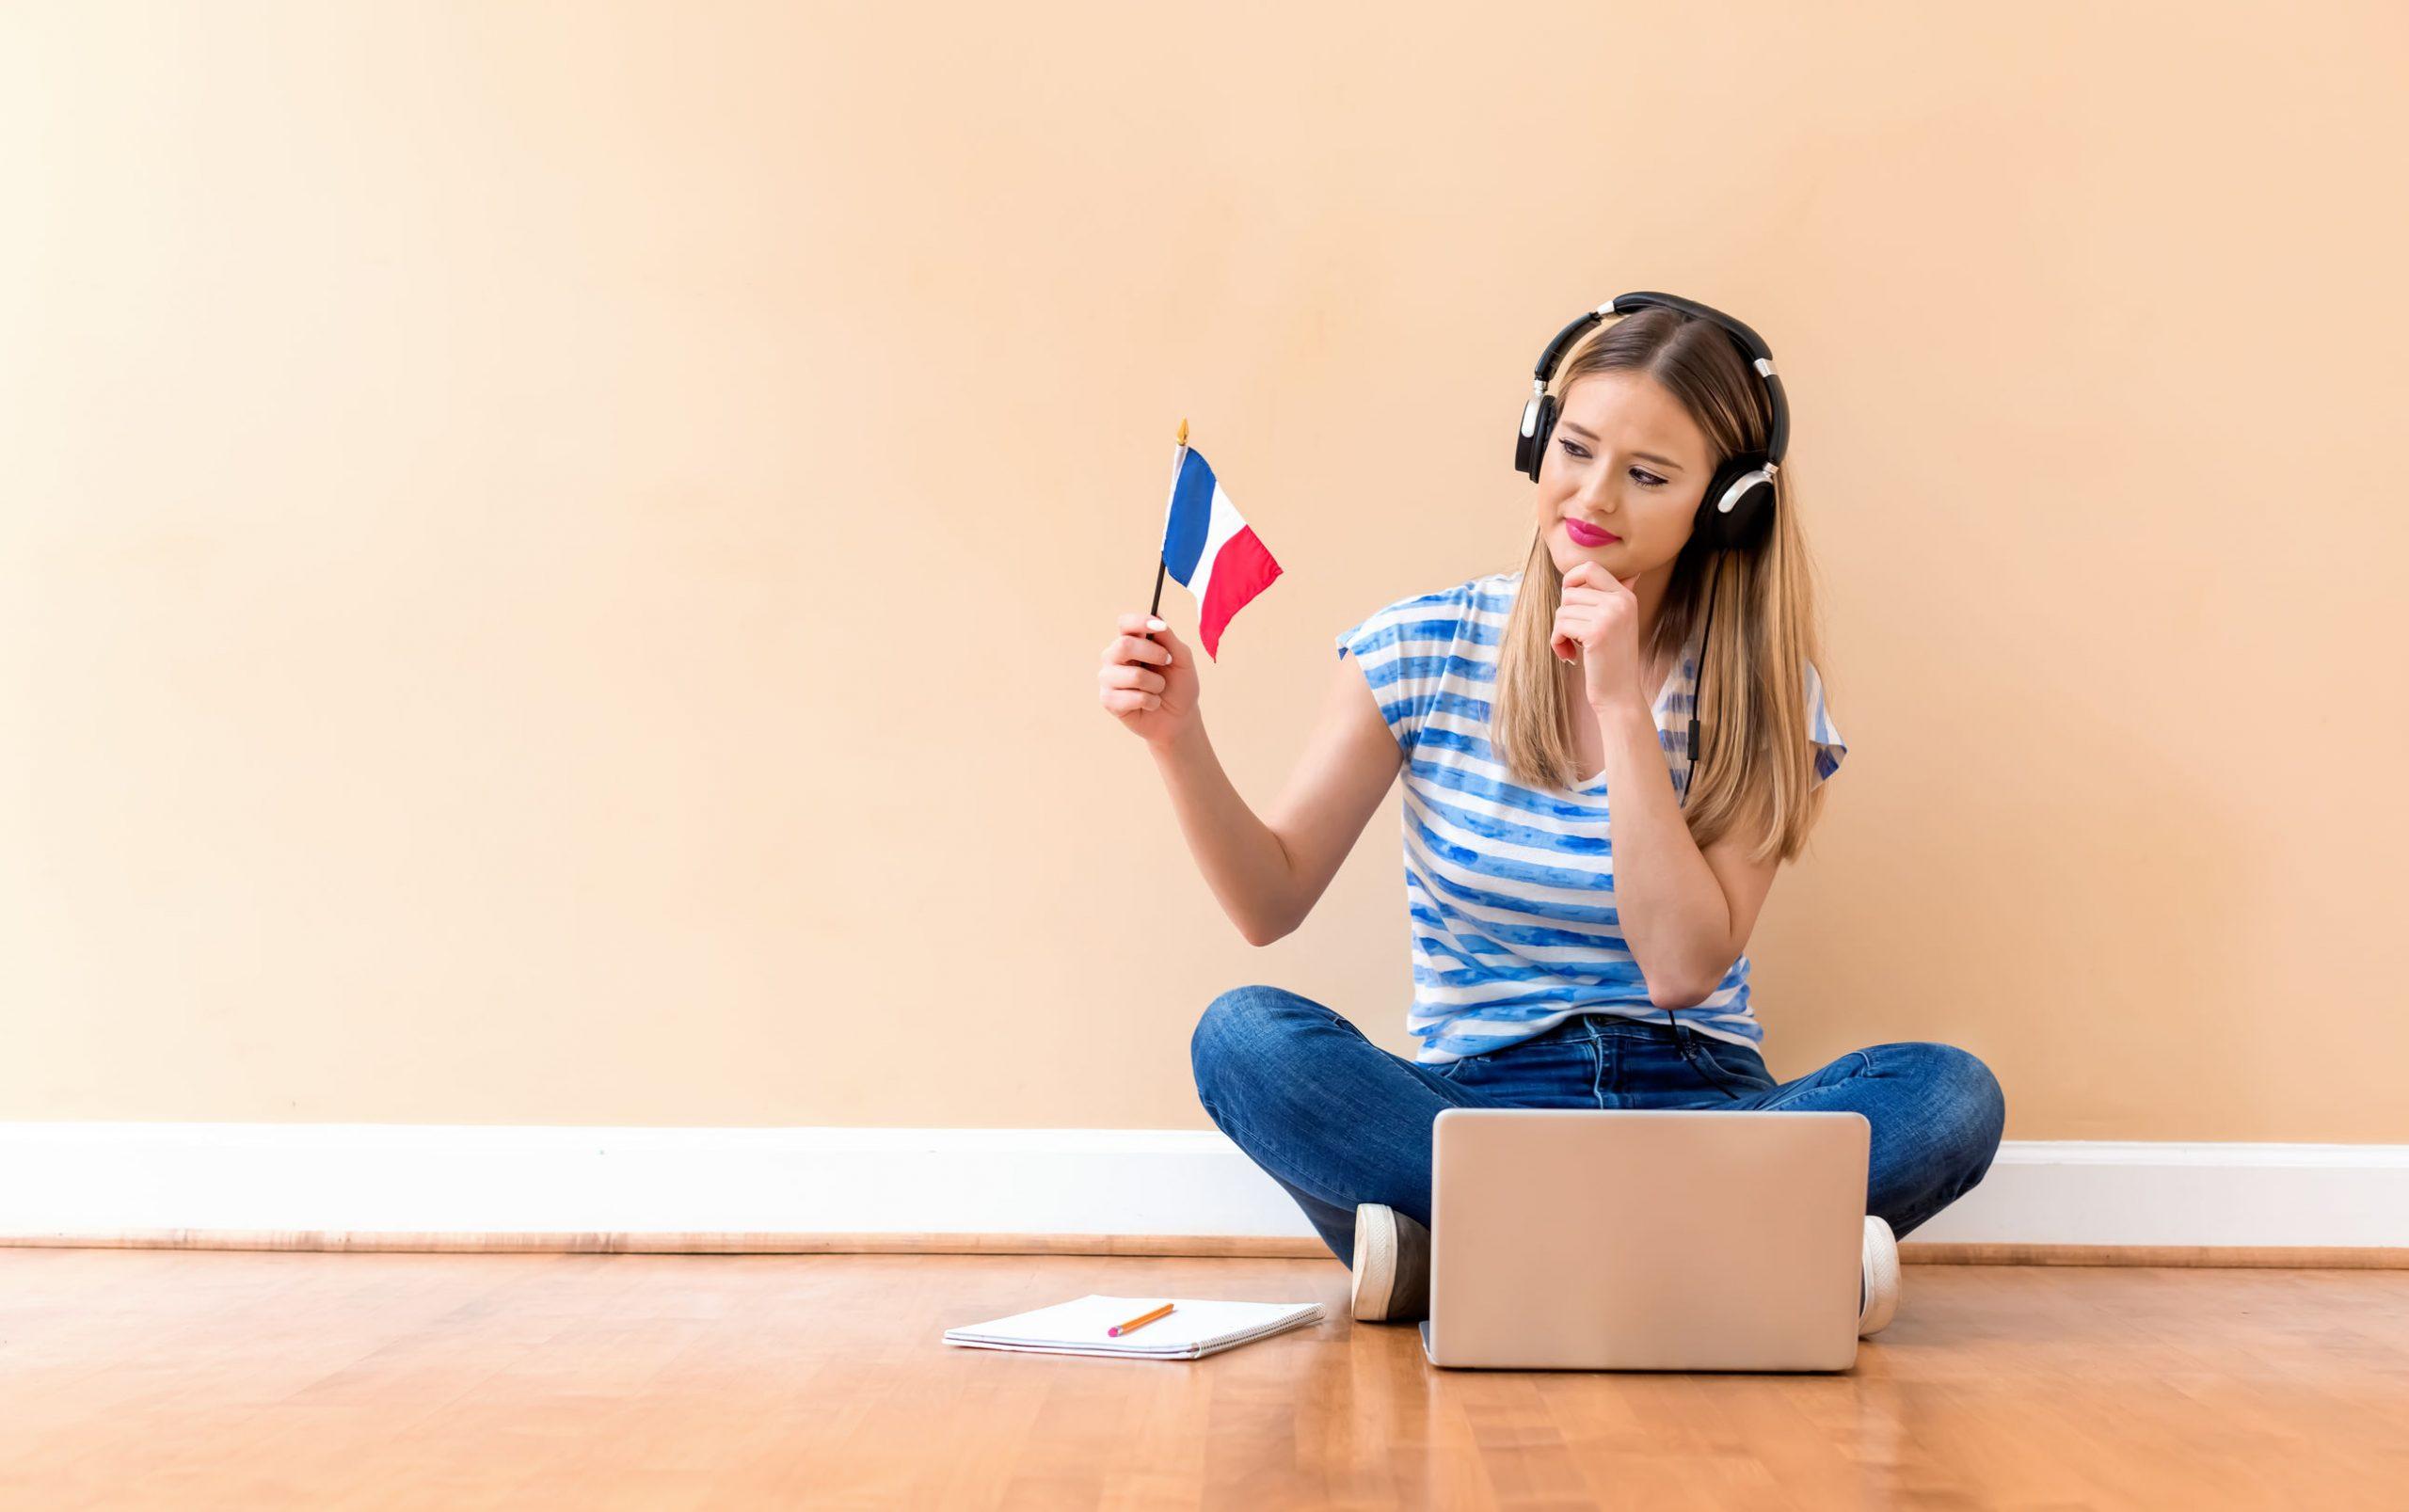 moça sentada no chão fazendo curso de francês pelo computador